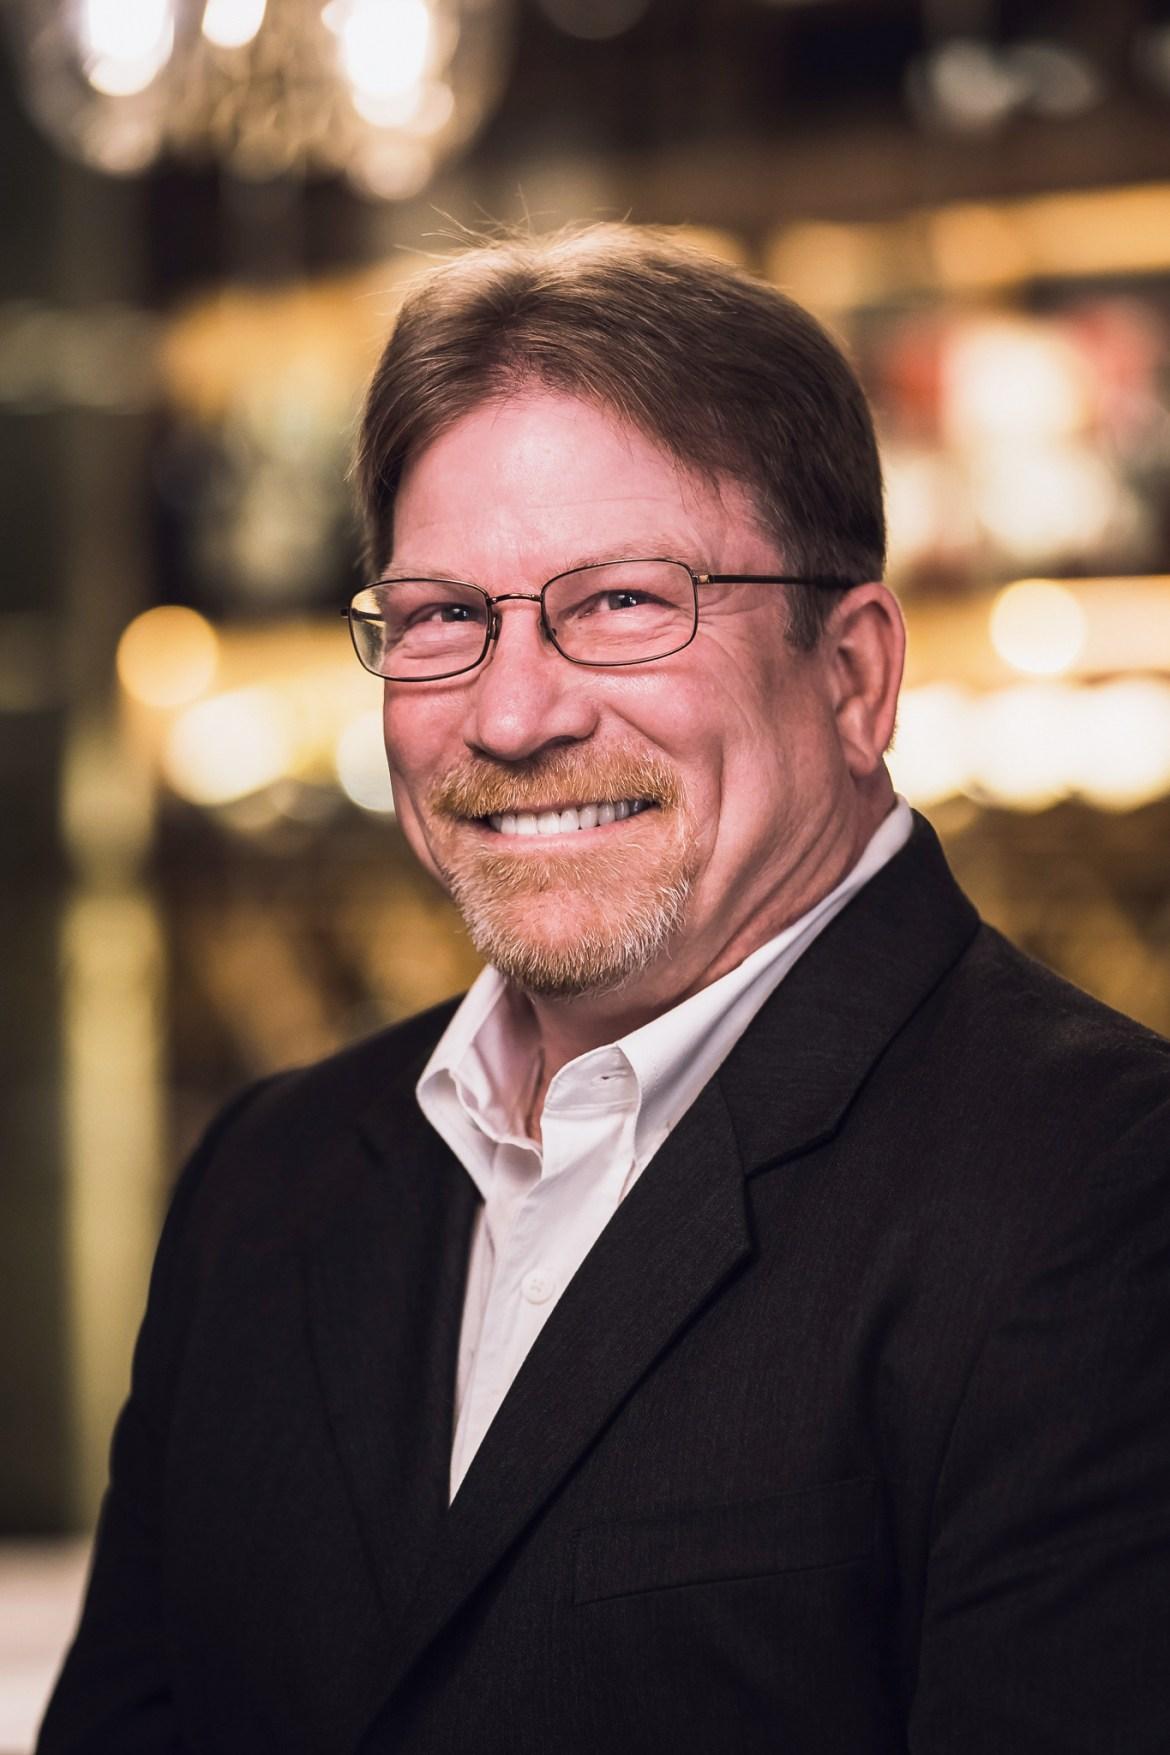 Steve Harman